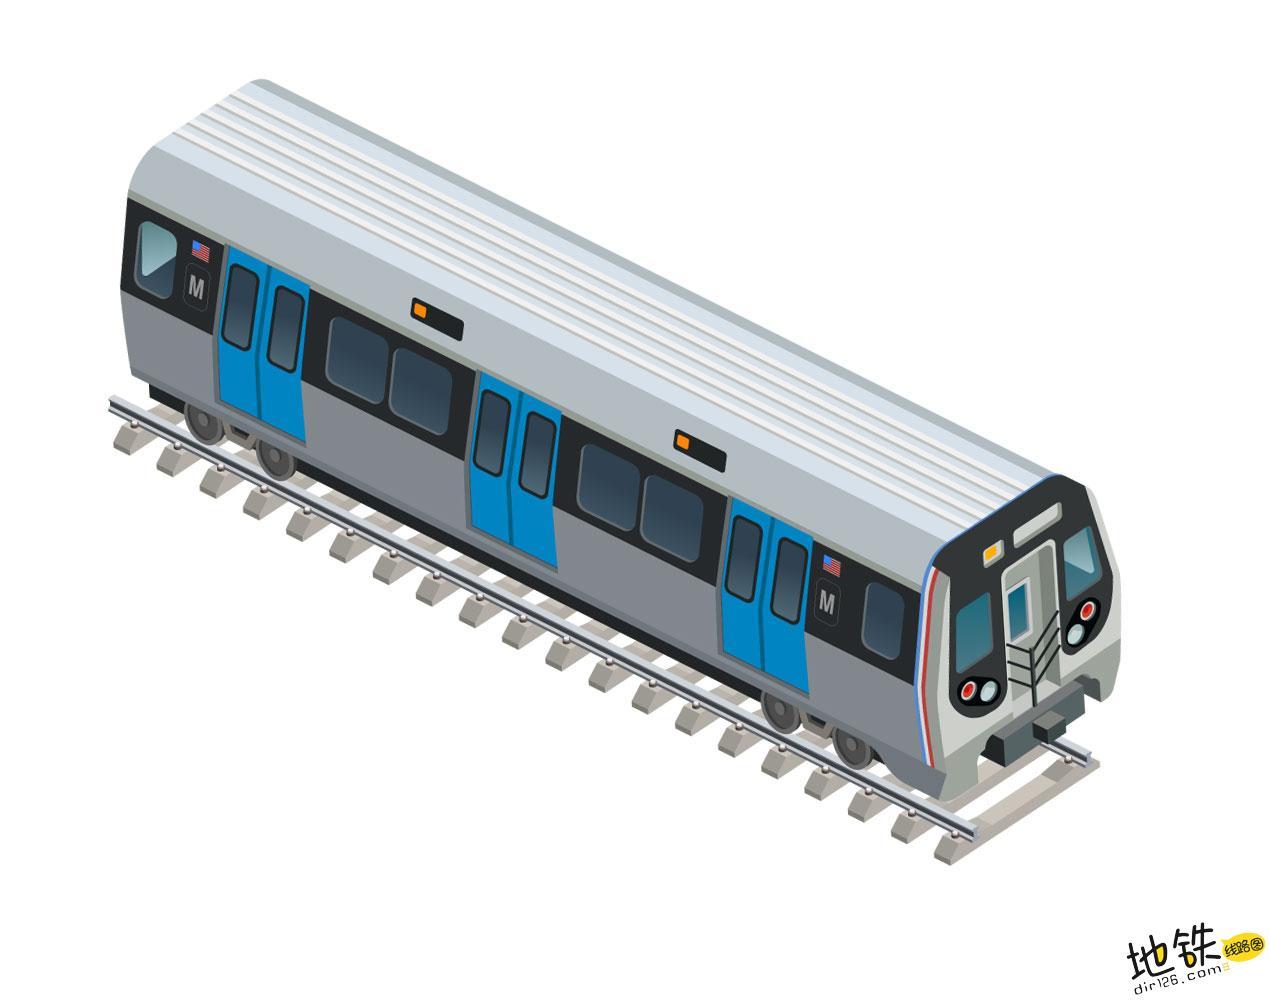 城市轨道交通地铁列车电气系统有哪些分类? ATC 电气系统 列车 地铁 轨道交通 轨道知识  第1张